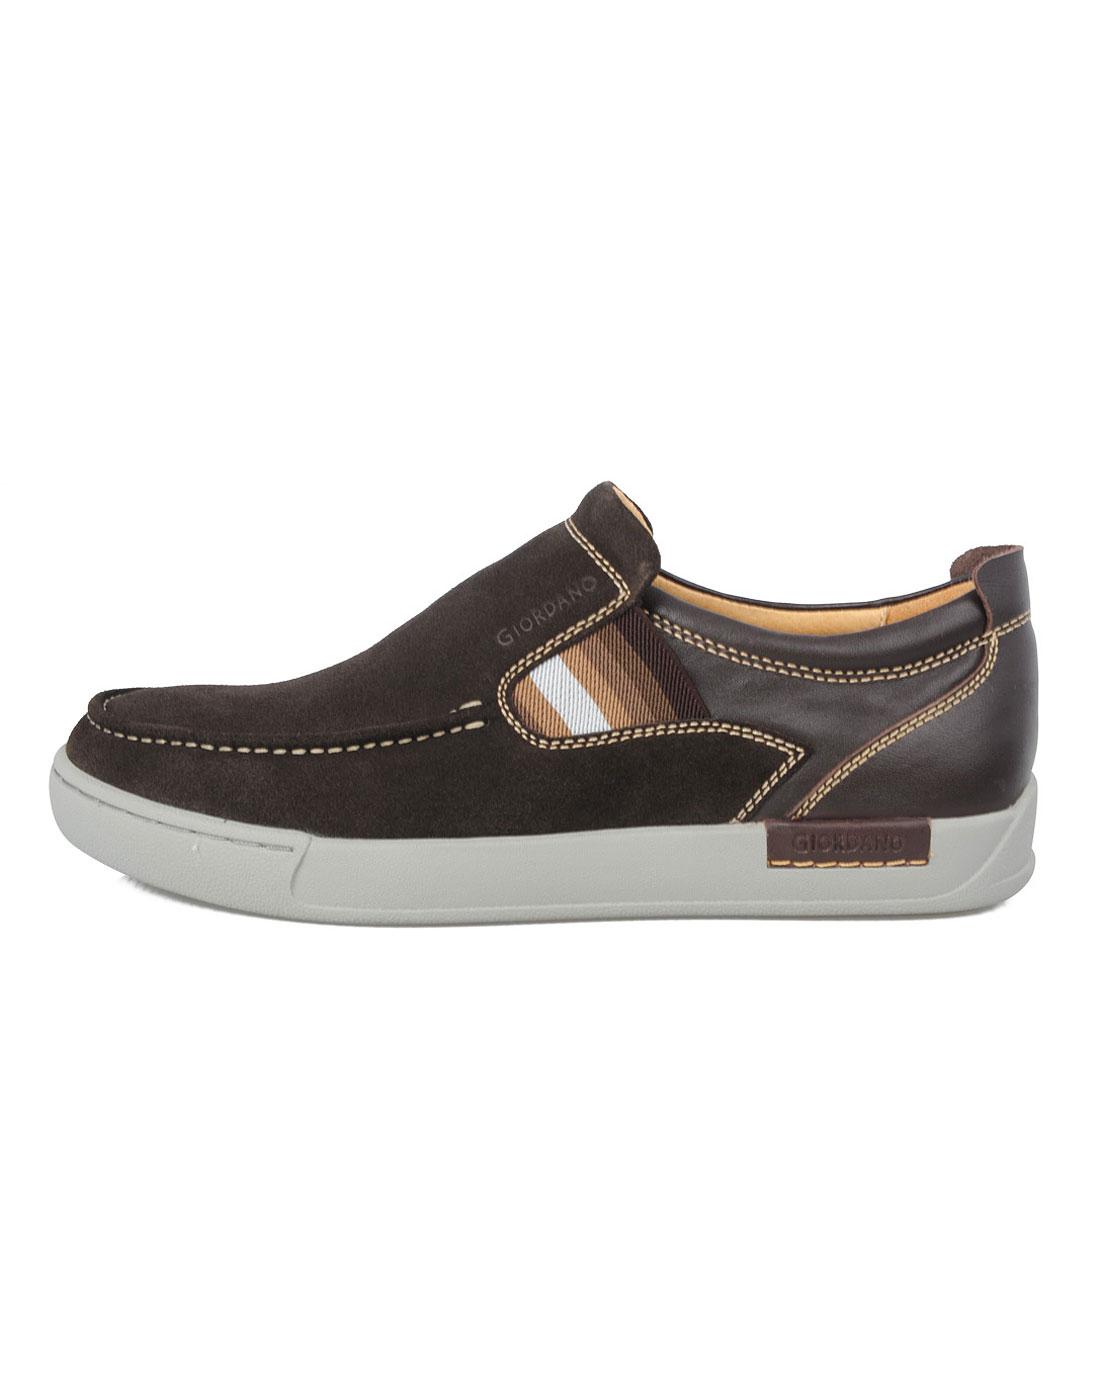 佐丹奴giordano男款咖啡色休闲皮鞋